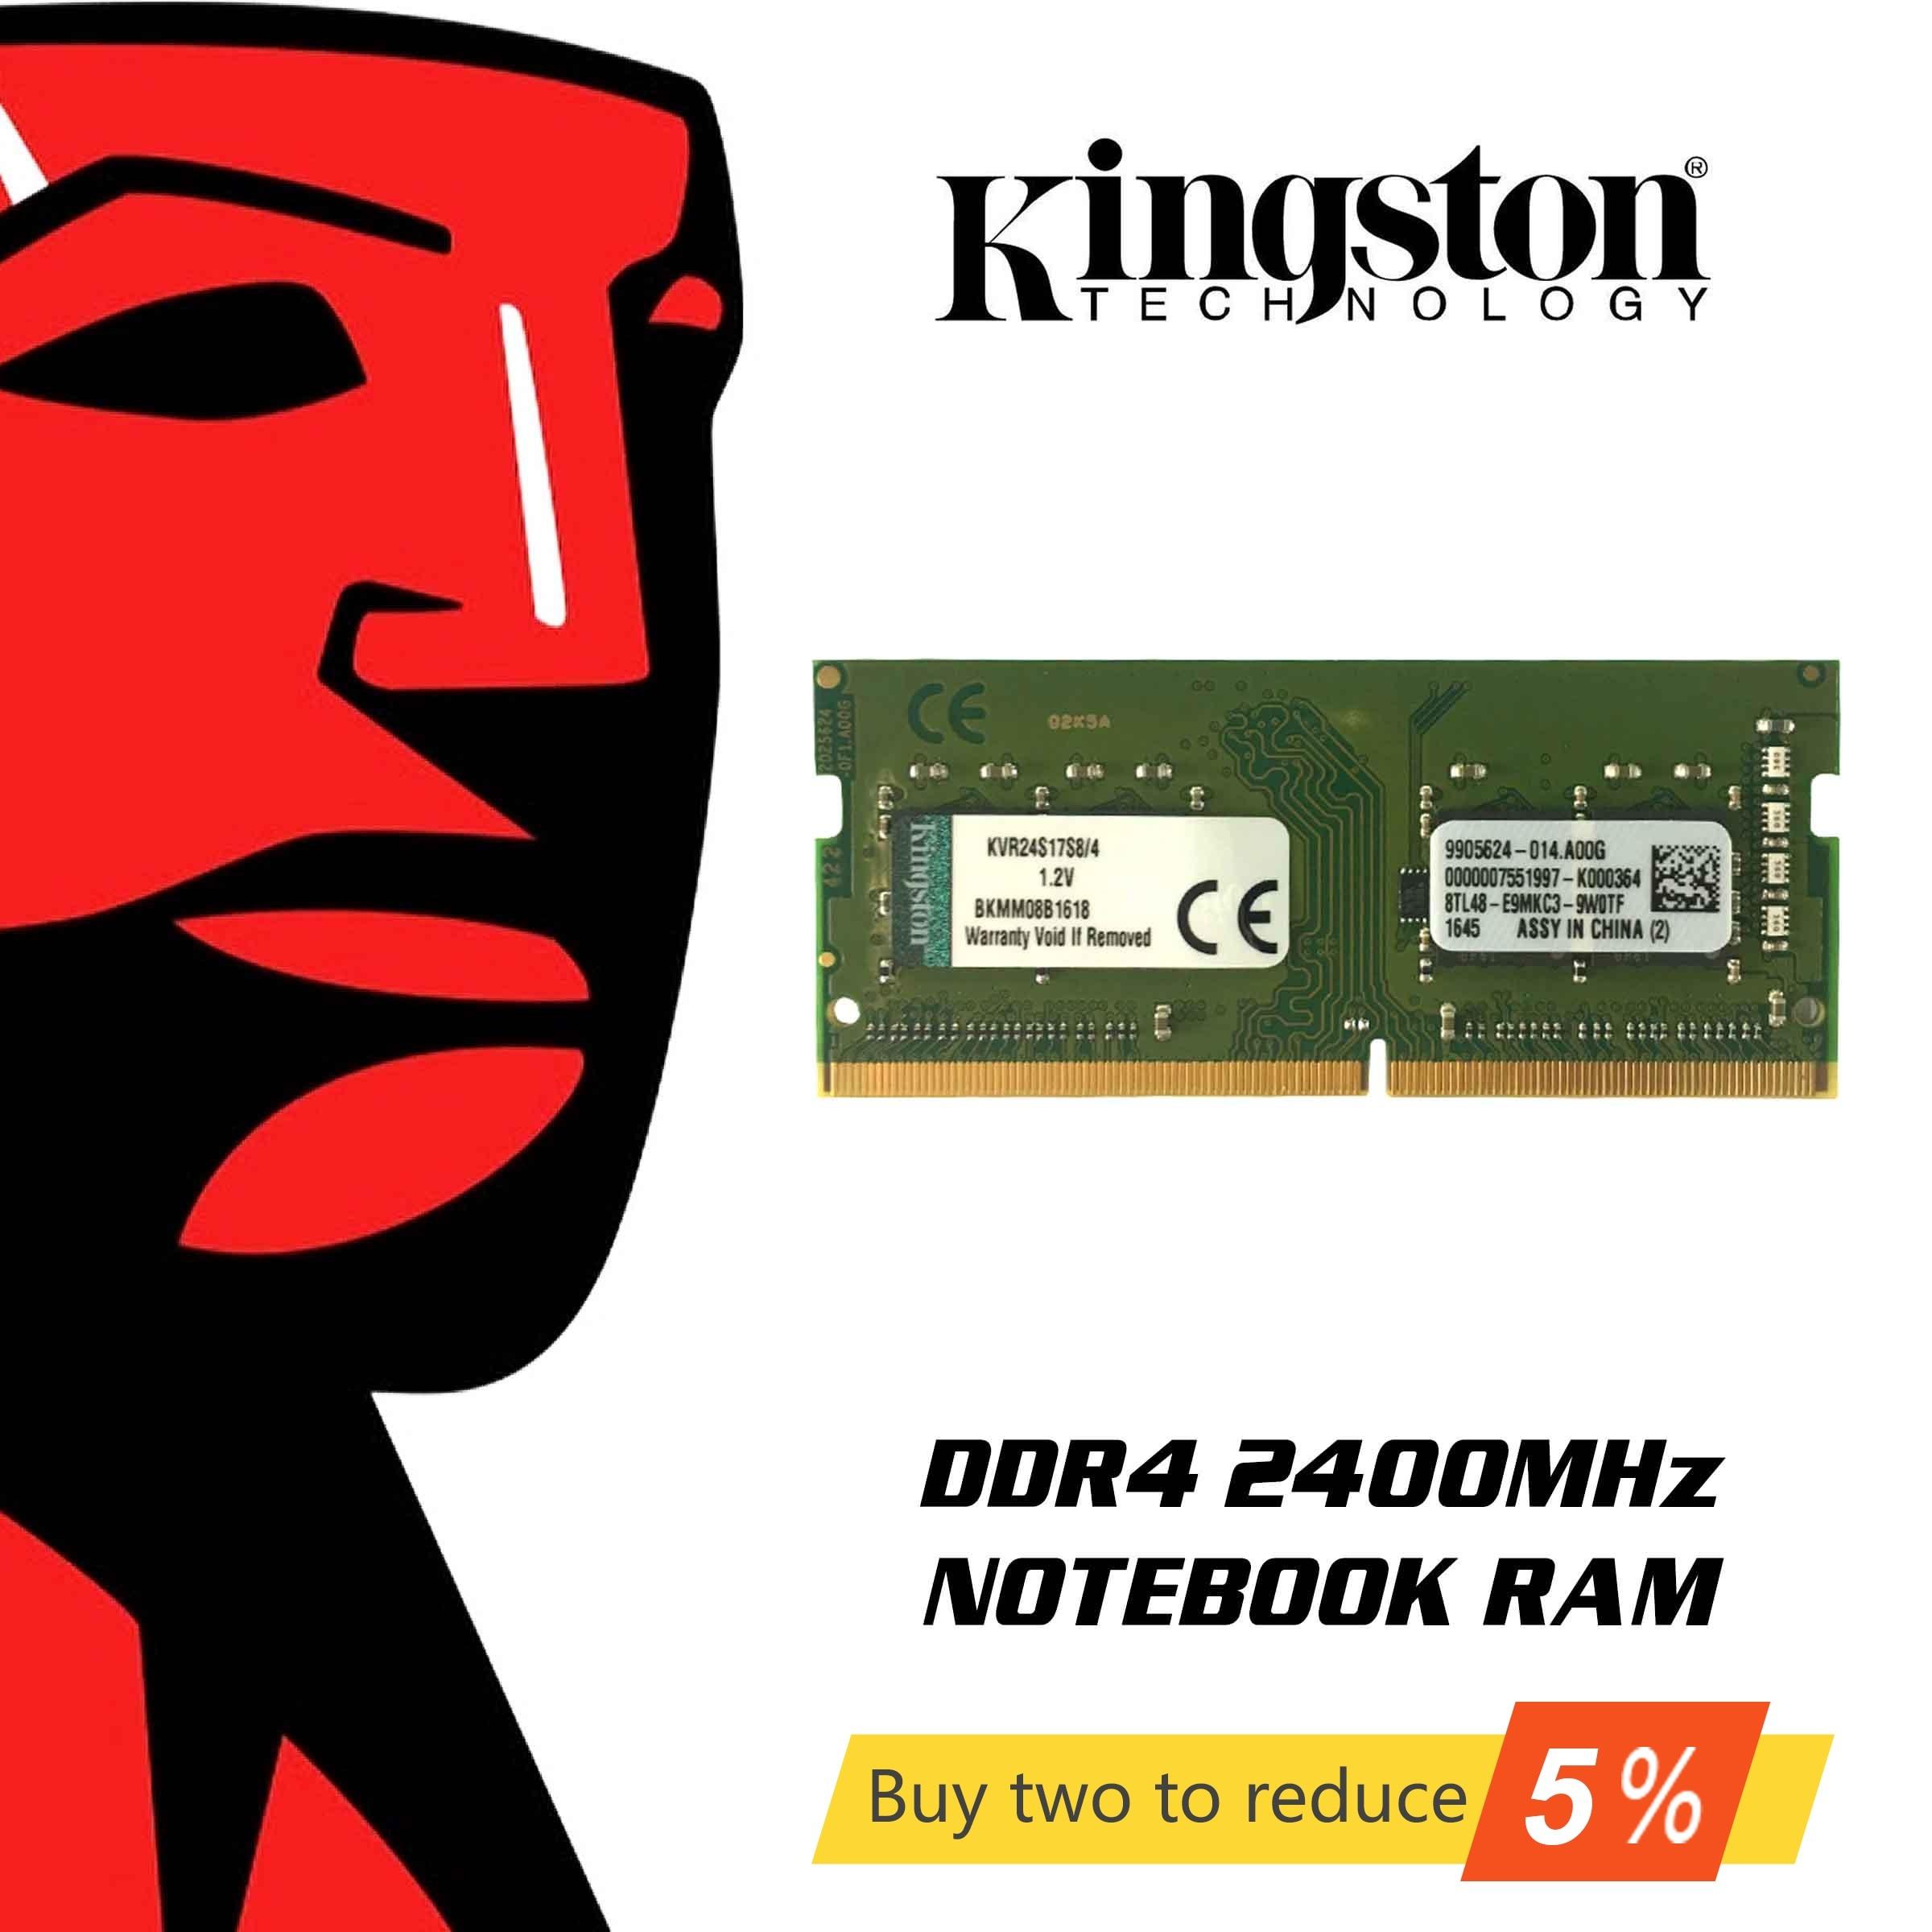 Mémoire RAM Kingston d'origine DDR4 8 GB 4 GB 16 GB 2400 Mhz mémoire pour ordinateur portable Sodimm mémoire interne pour ordinateur portable PC 8 gigaoctets gigaoctets